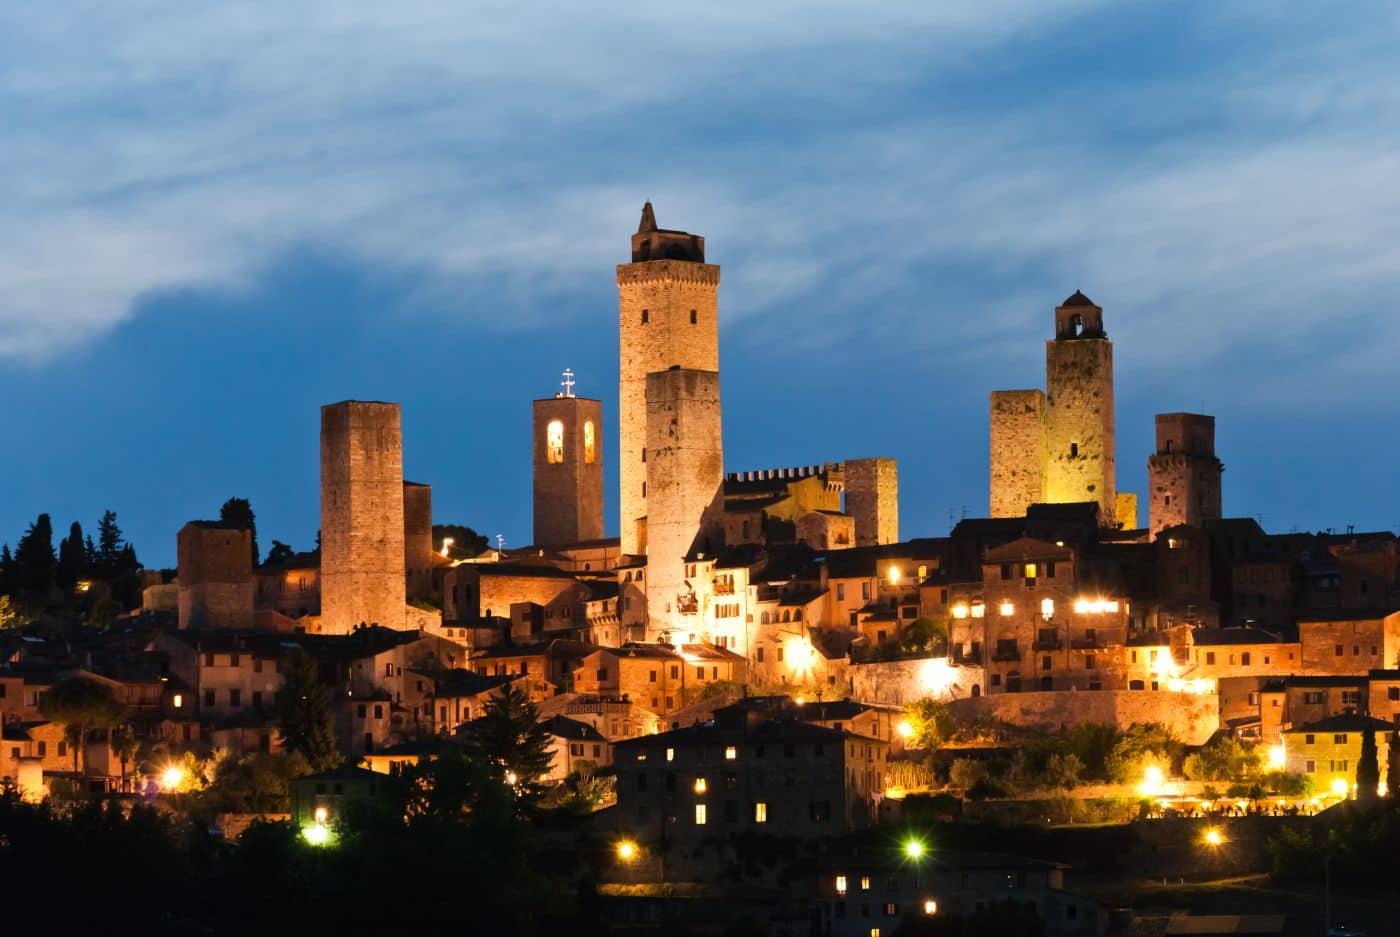 20201103101350San_Gimignano.jpg